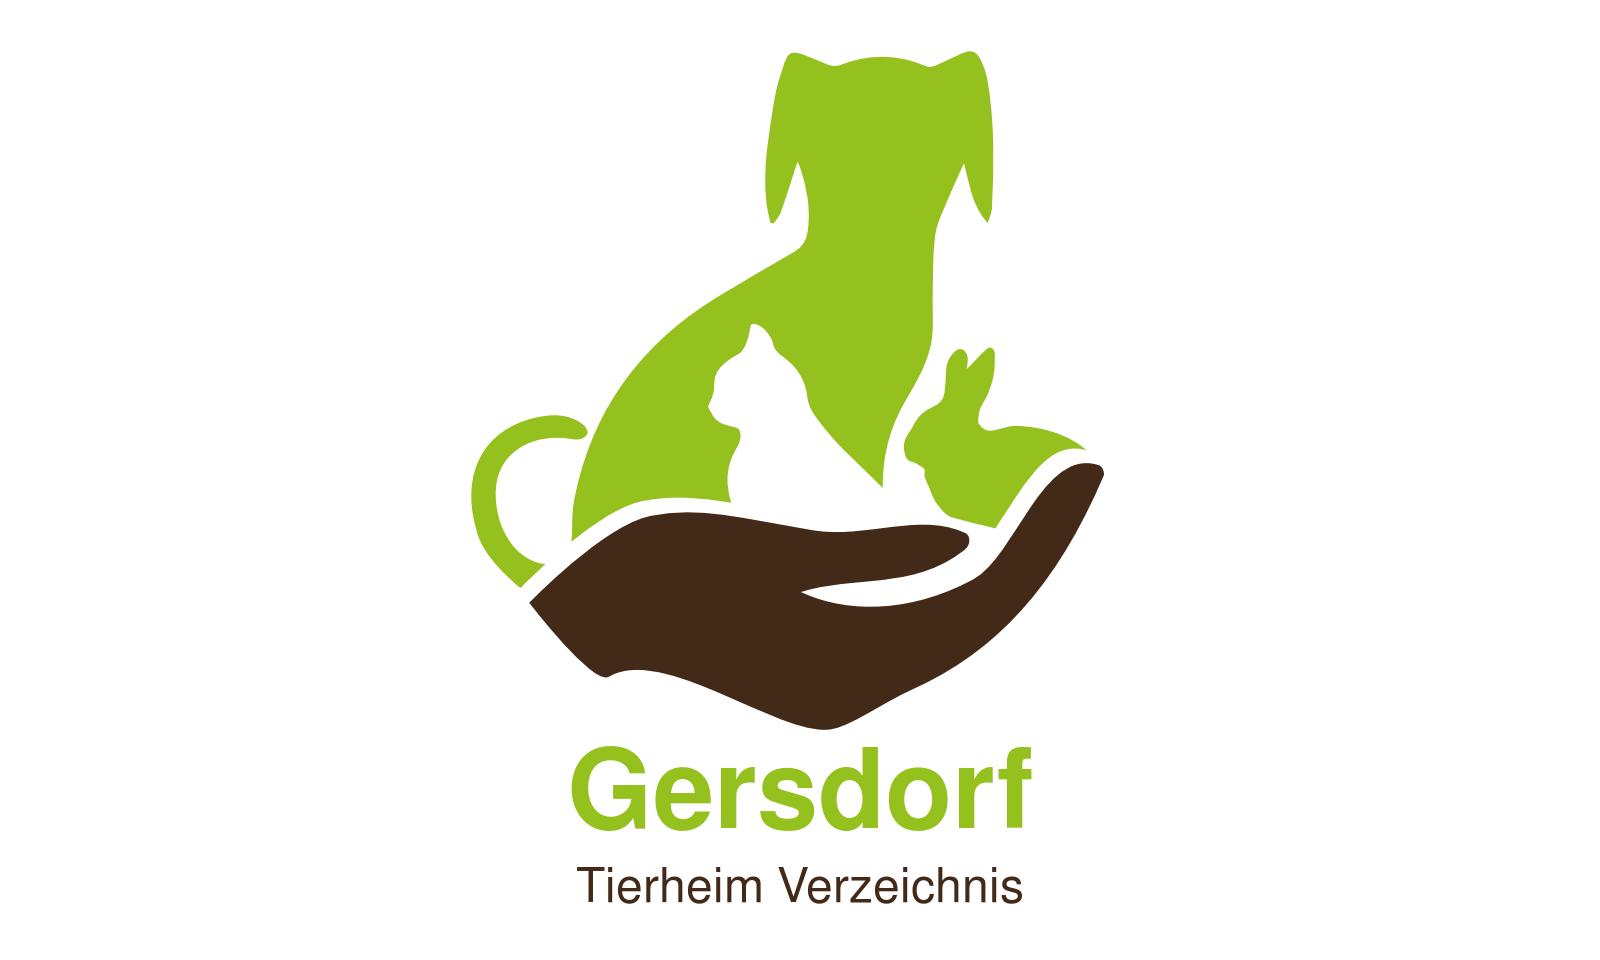 Tierheim Gersdorf